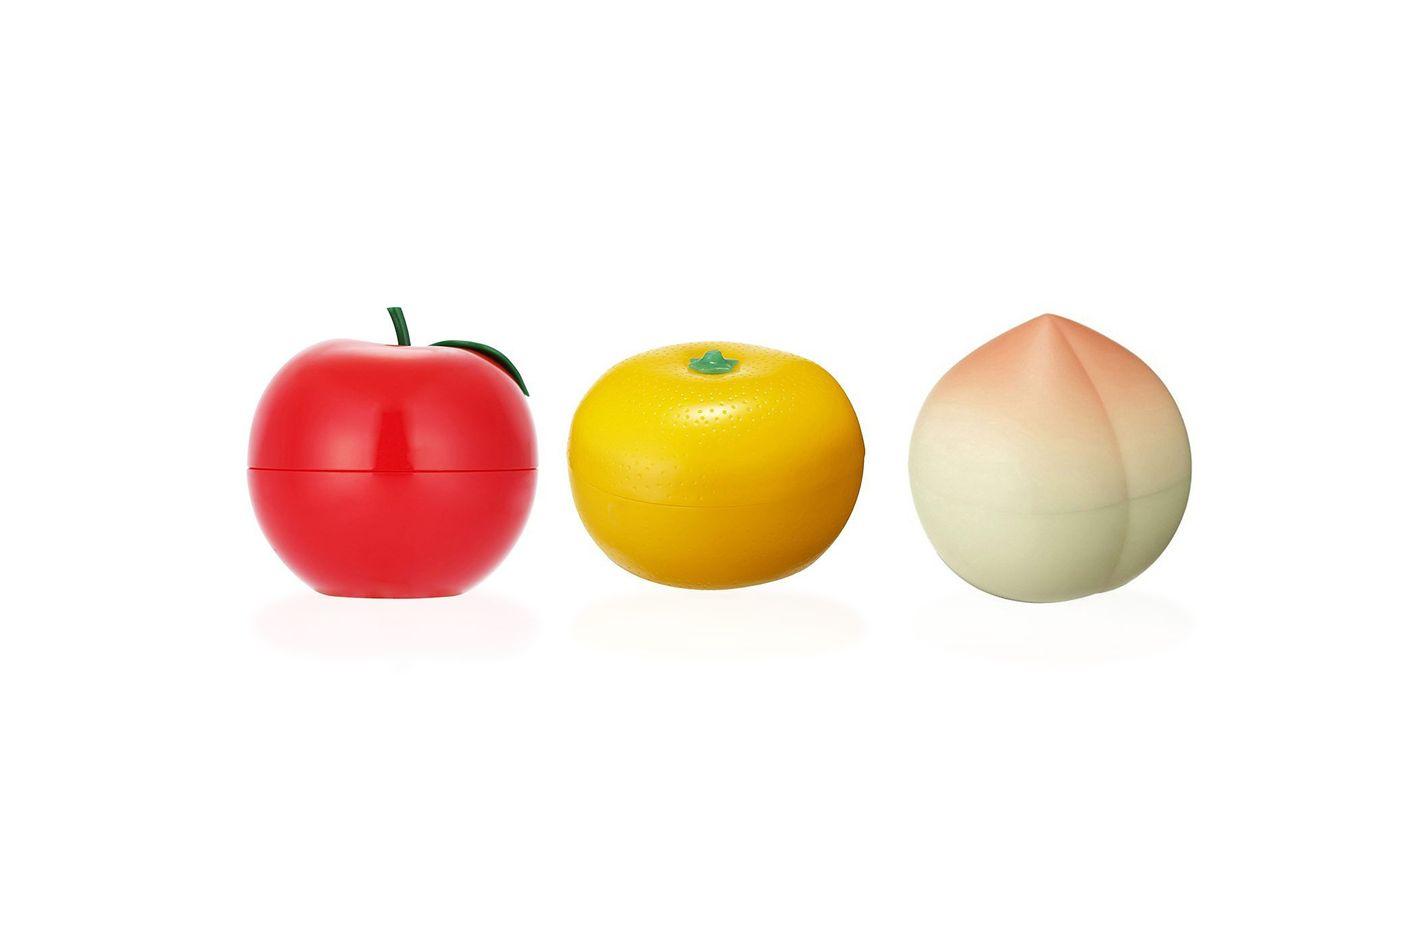 TONYMOLY Fruit Hand Cream (3-set)